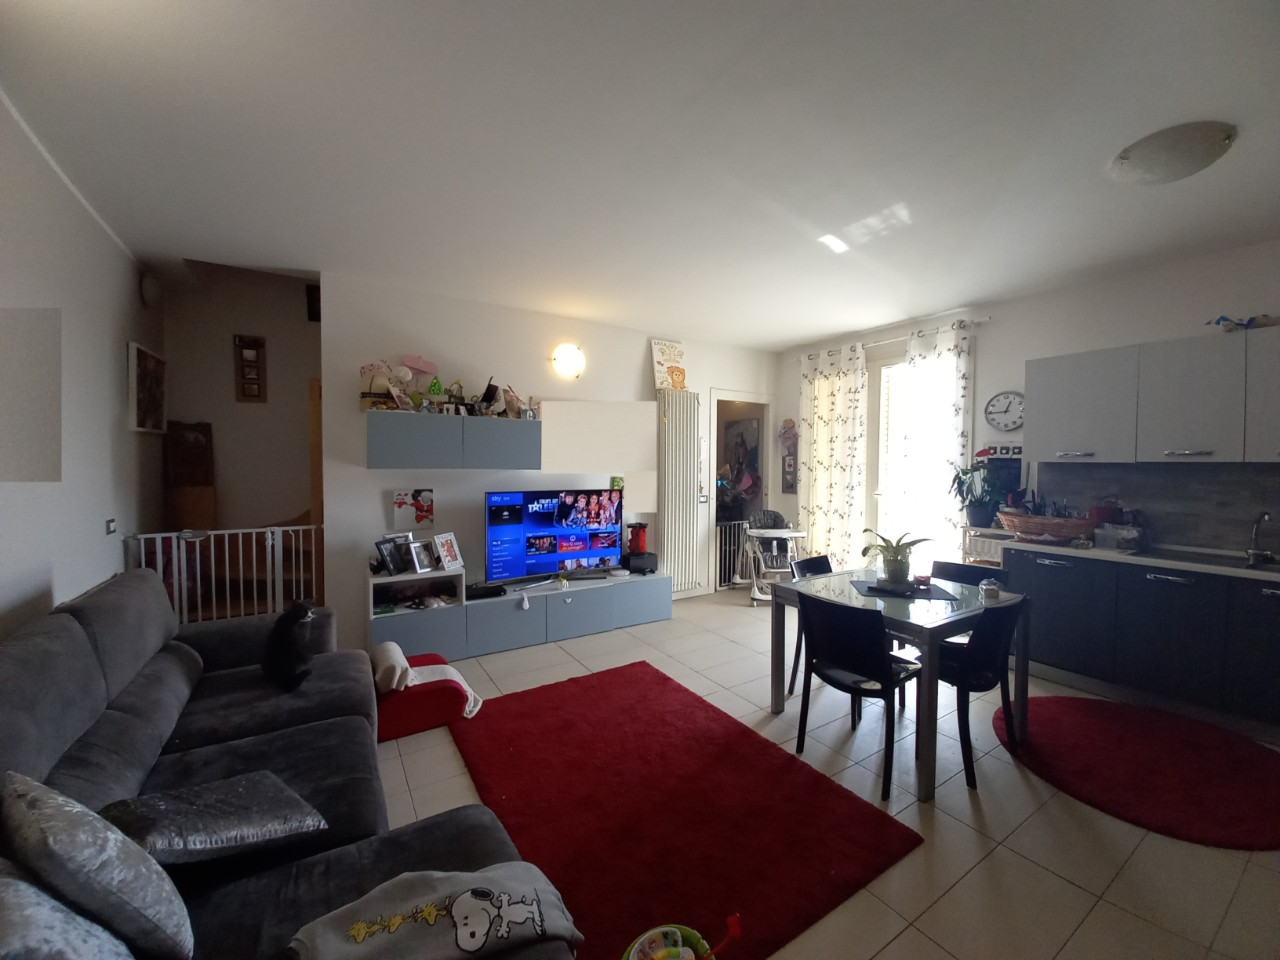 Appartamento in vendita Forli Zona Gorizia